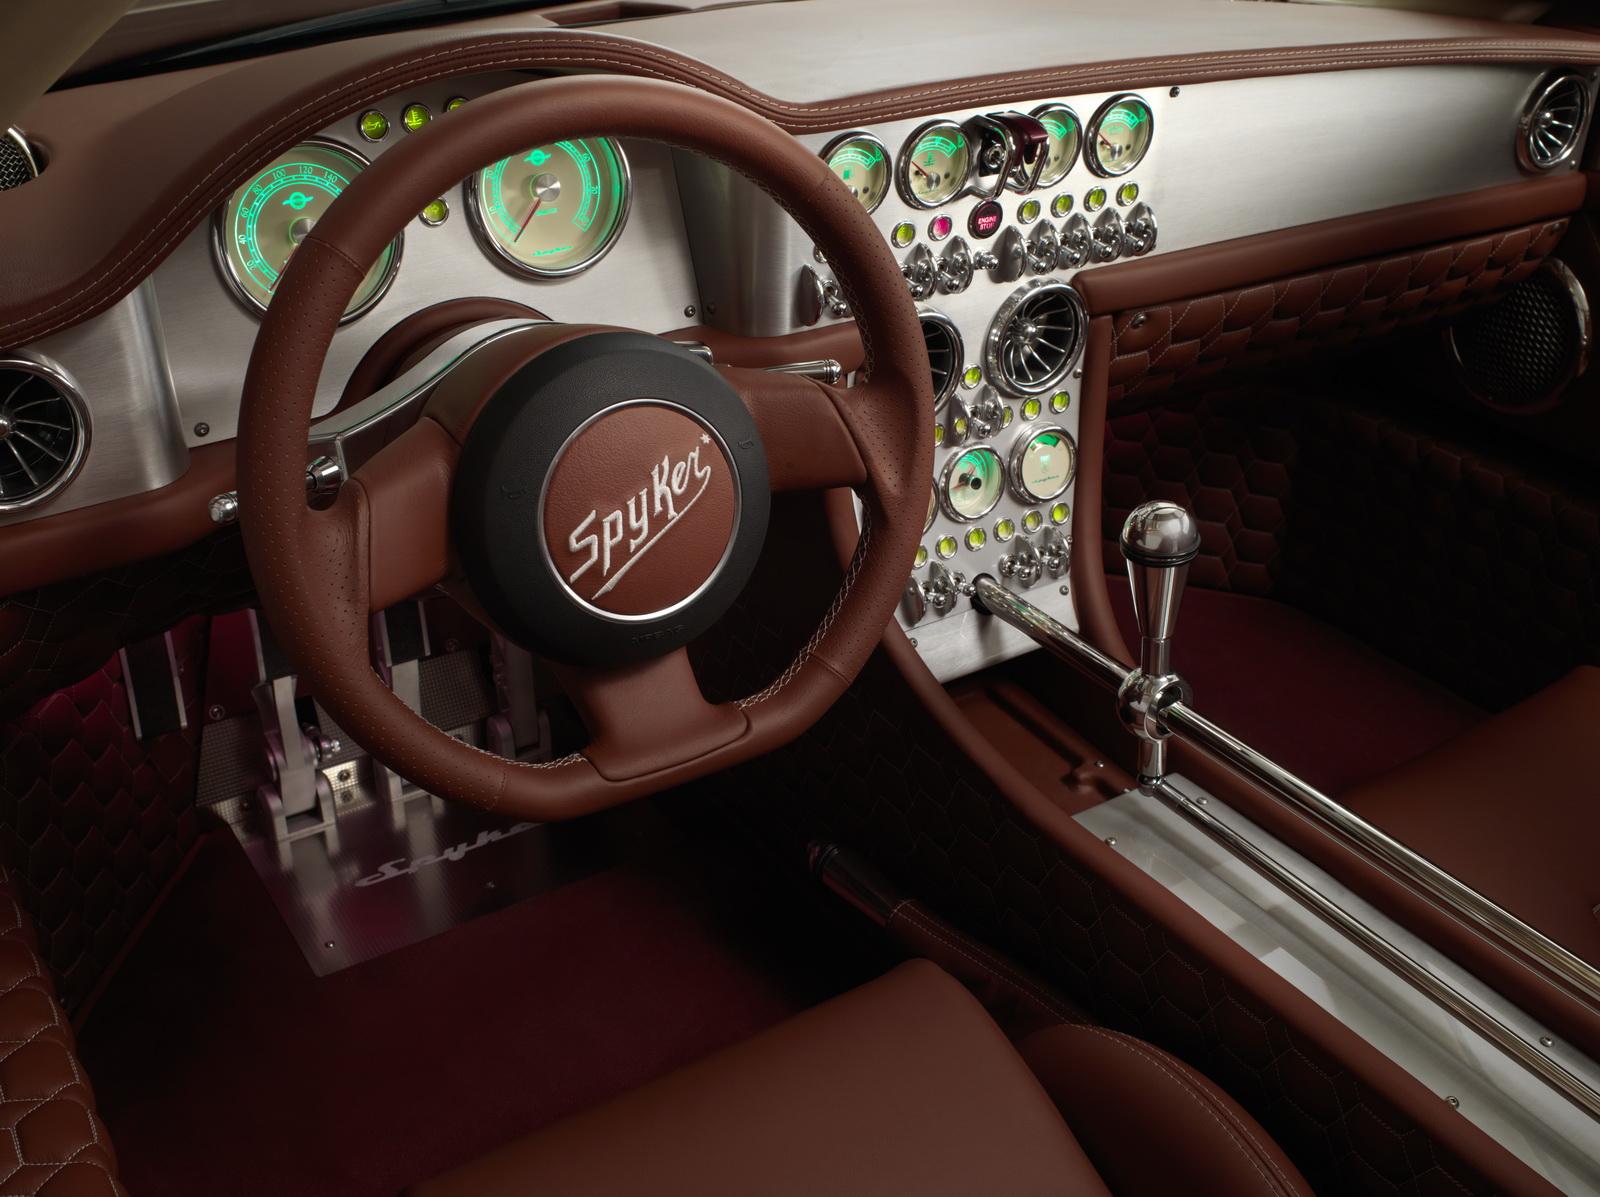 Nhiều nét cổ điển vẫn còn đó trong siêu xe của Spyker